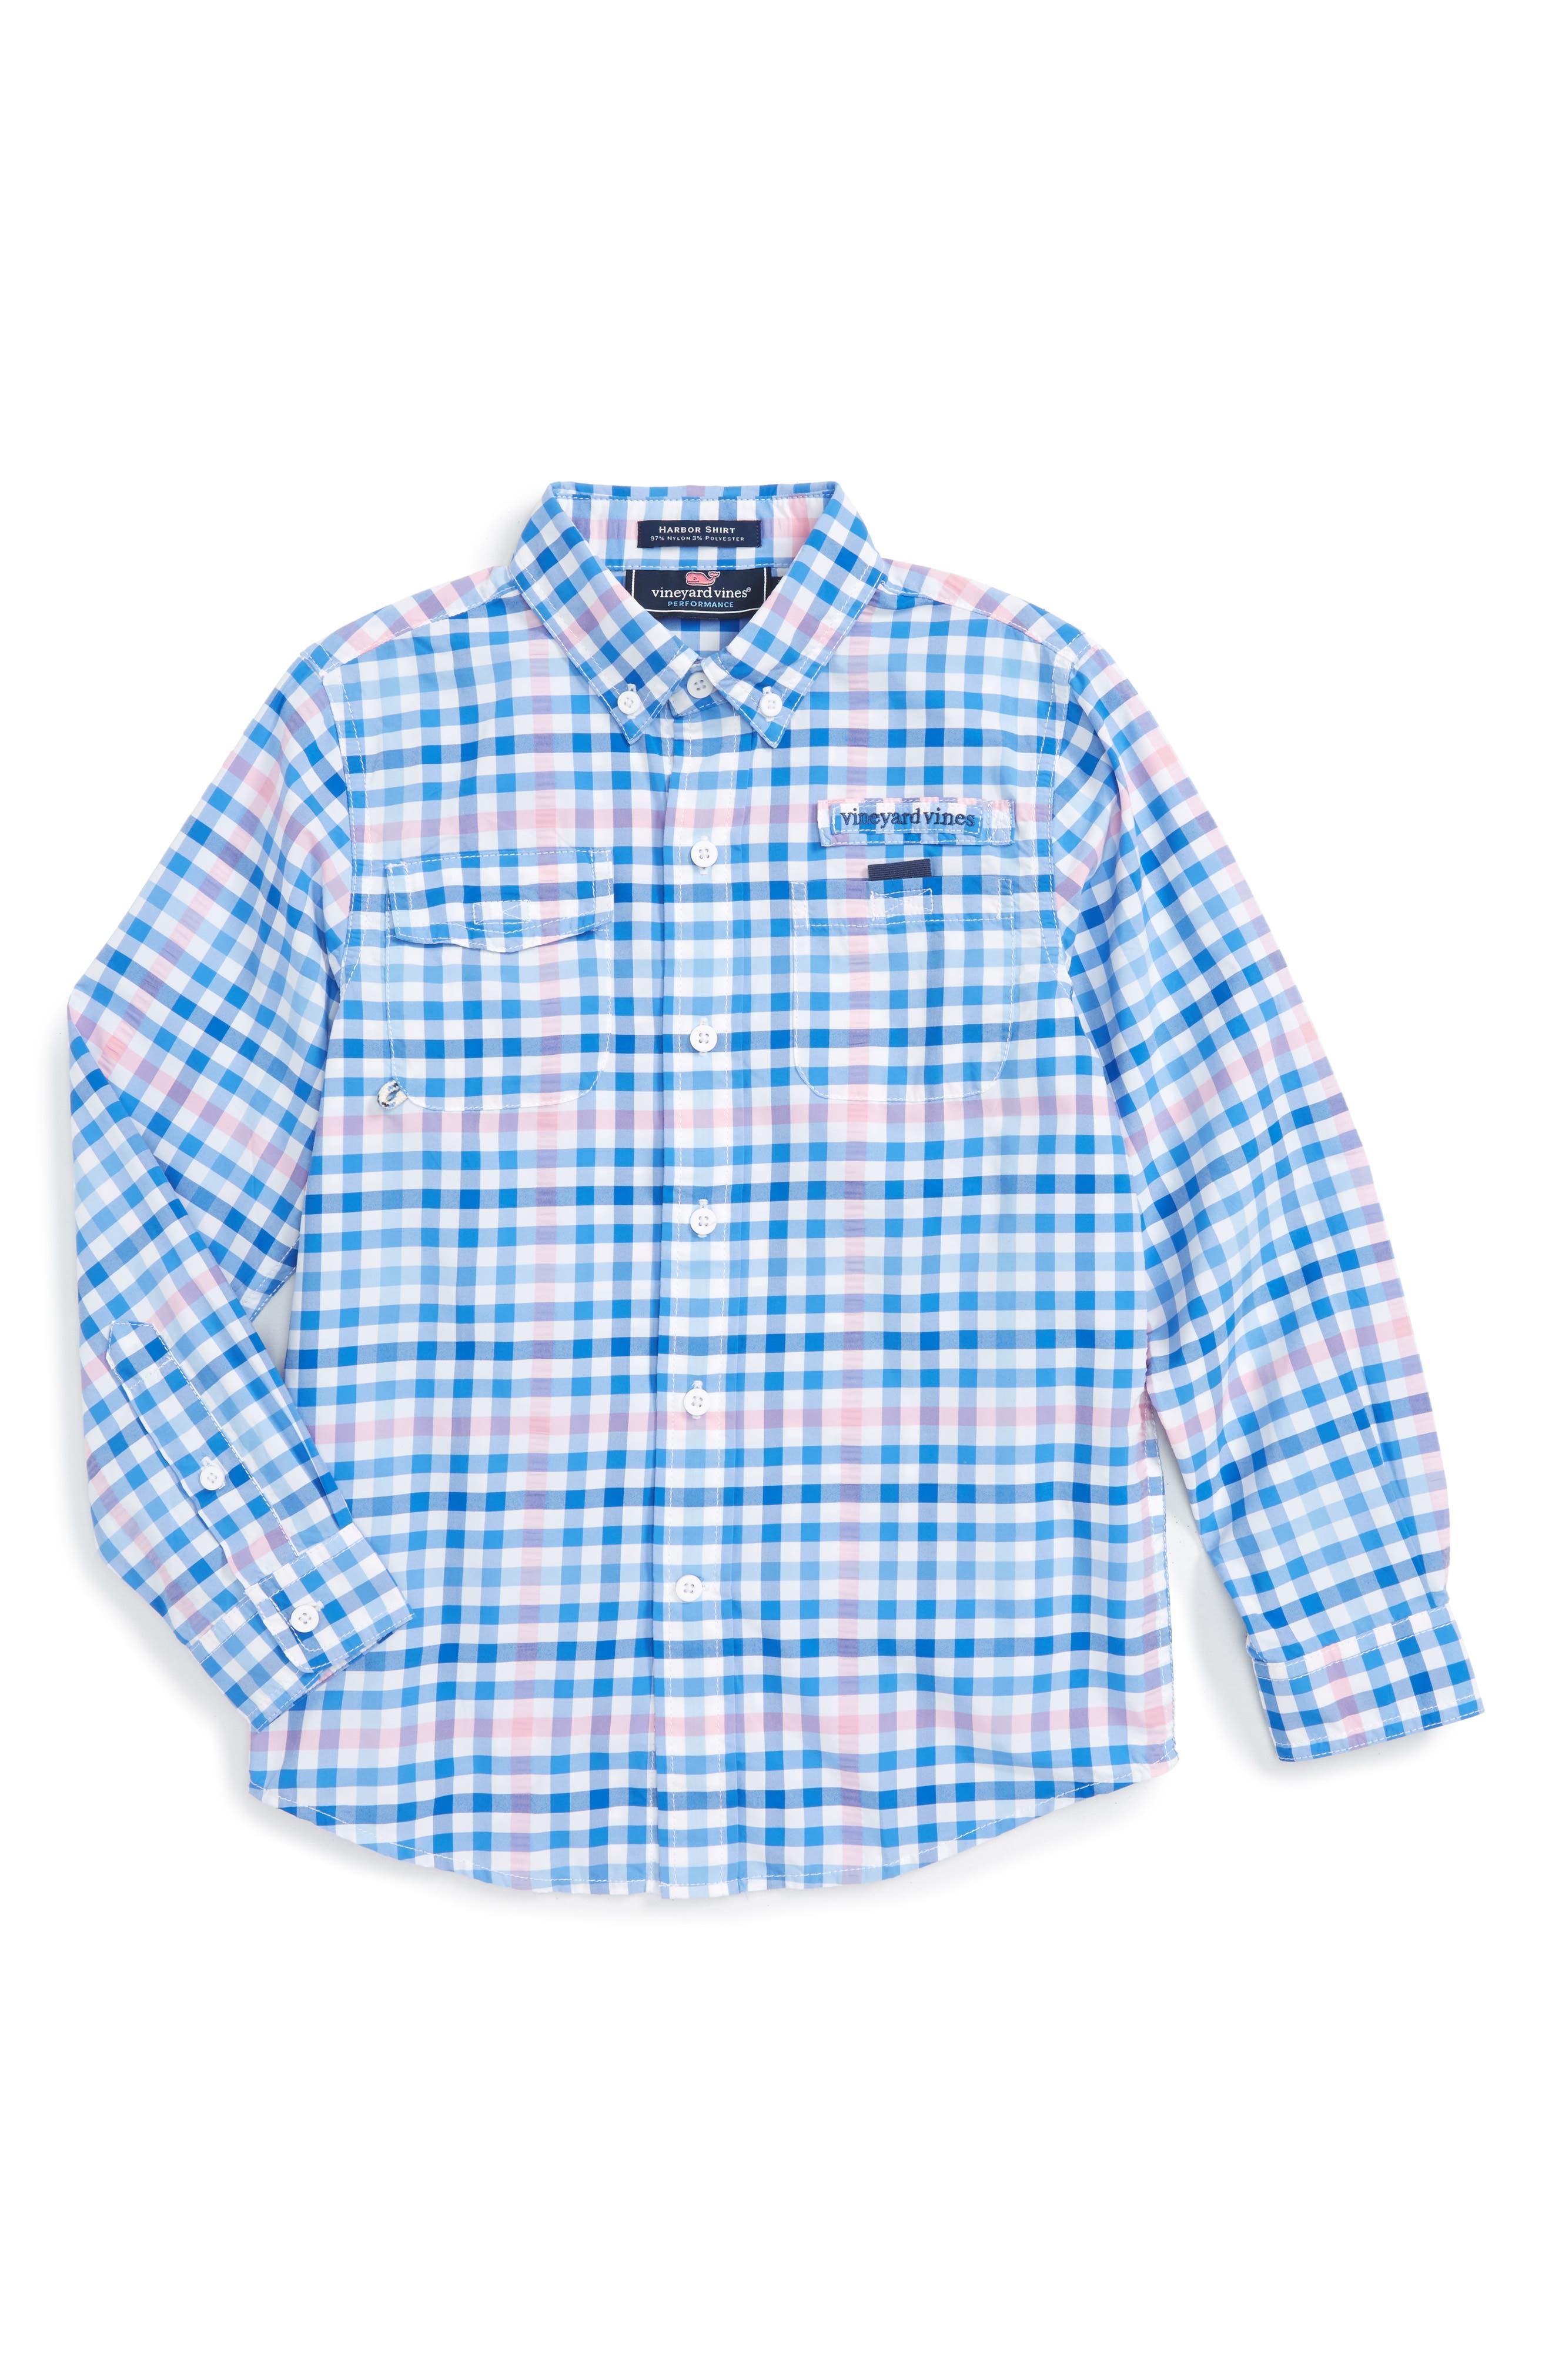 Vineyard Vines Salt Island Harbor Plaid Shirt (Toddler Boys & Little Boys)